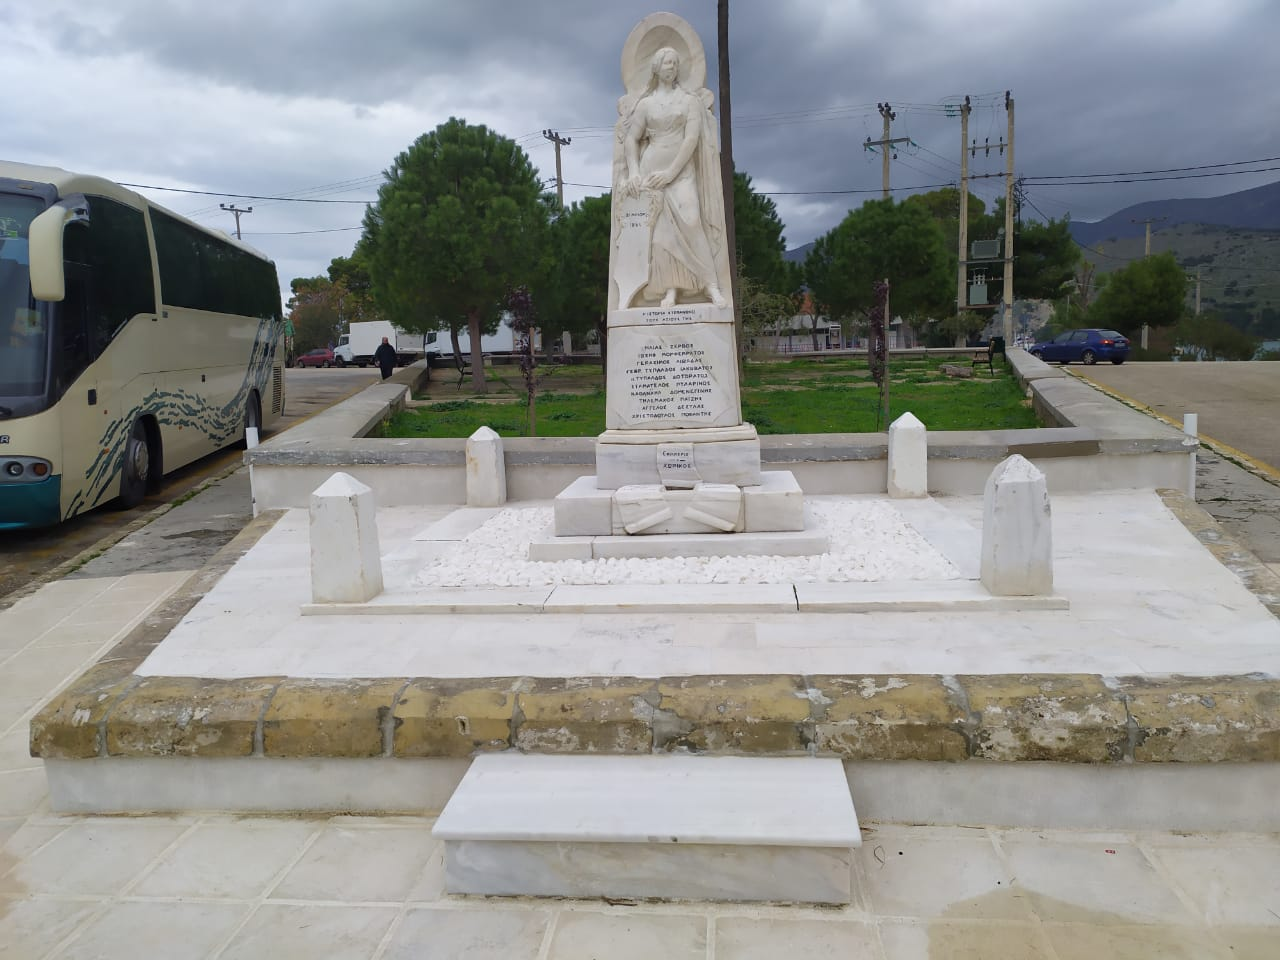 Εργασίες εξωραϊσμού στο μνημείο των Ριζοσπαστών από τον Δήμο και τον αντιδήμαρχο Σπύρο Σαμούρη [εικόνες]